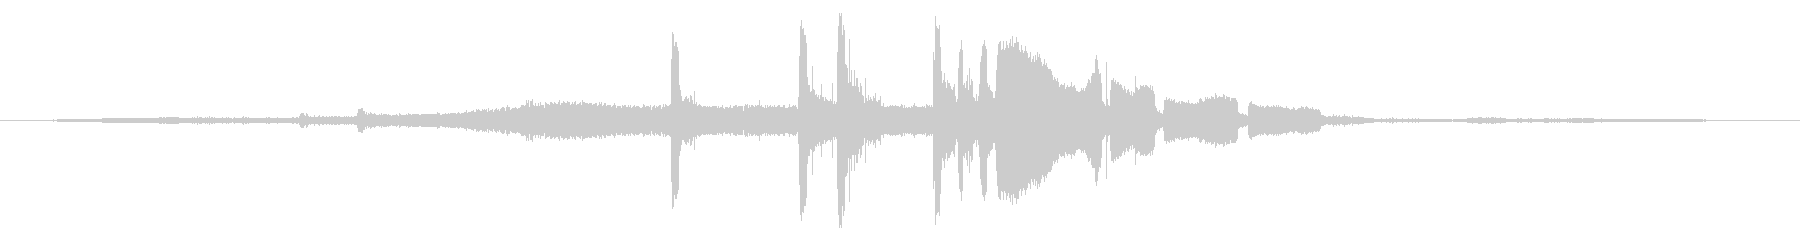 ヤマハ450 Ccモトクロス:Ex...の未再生の波形